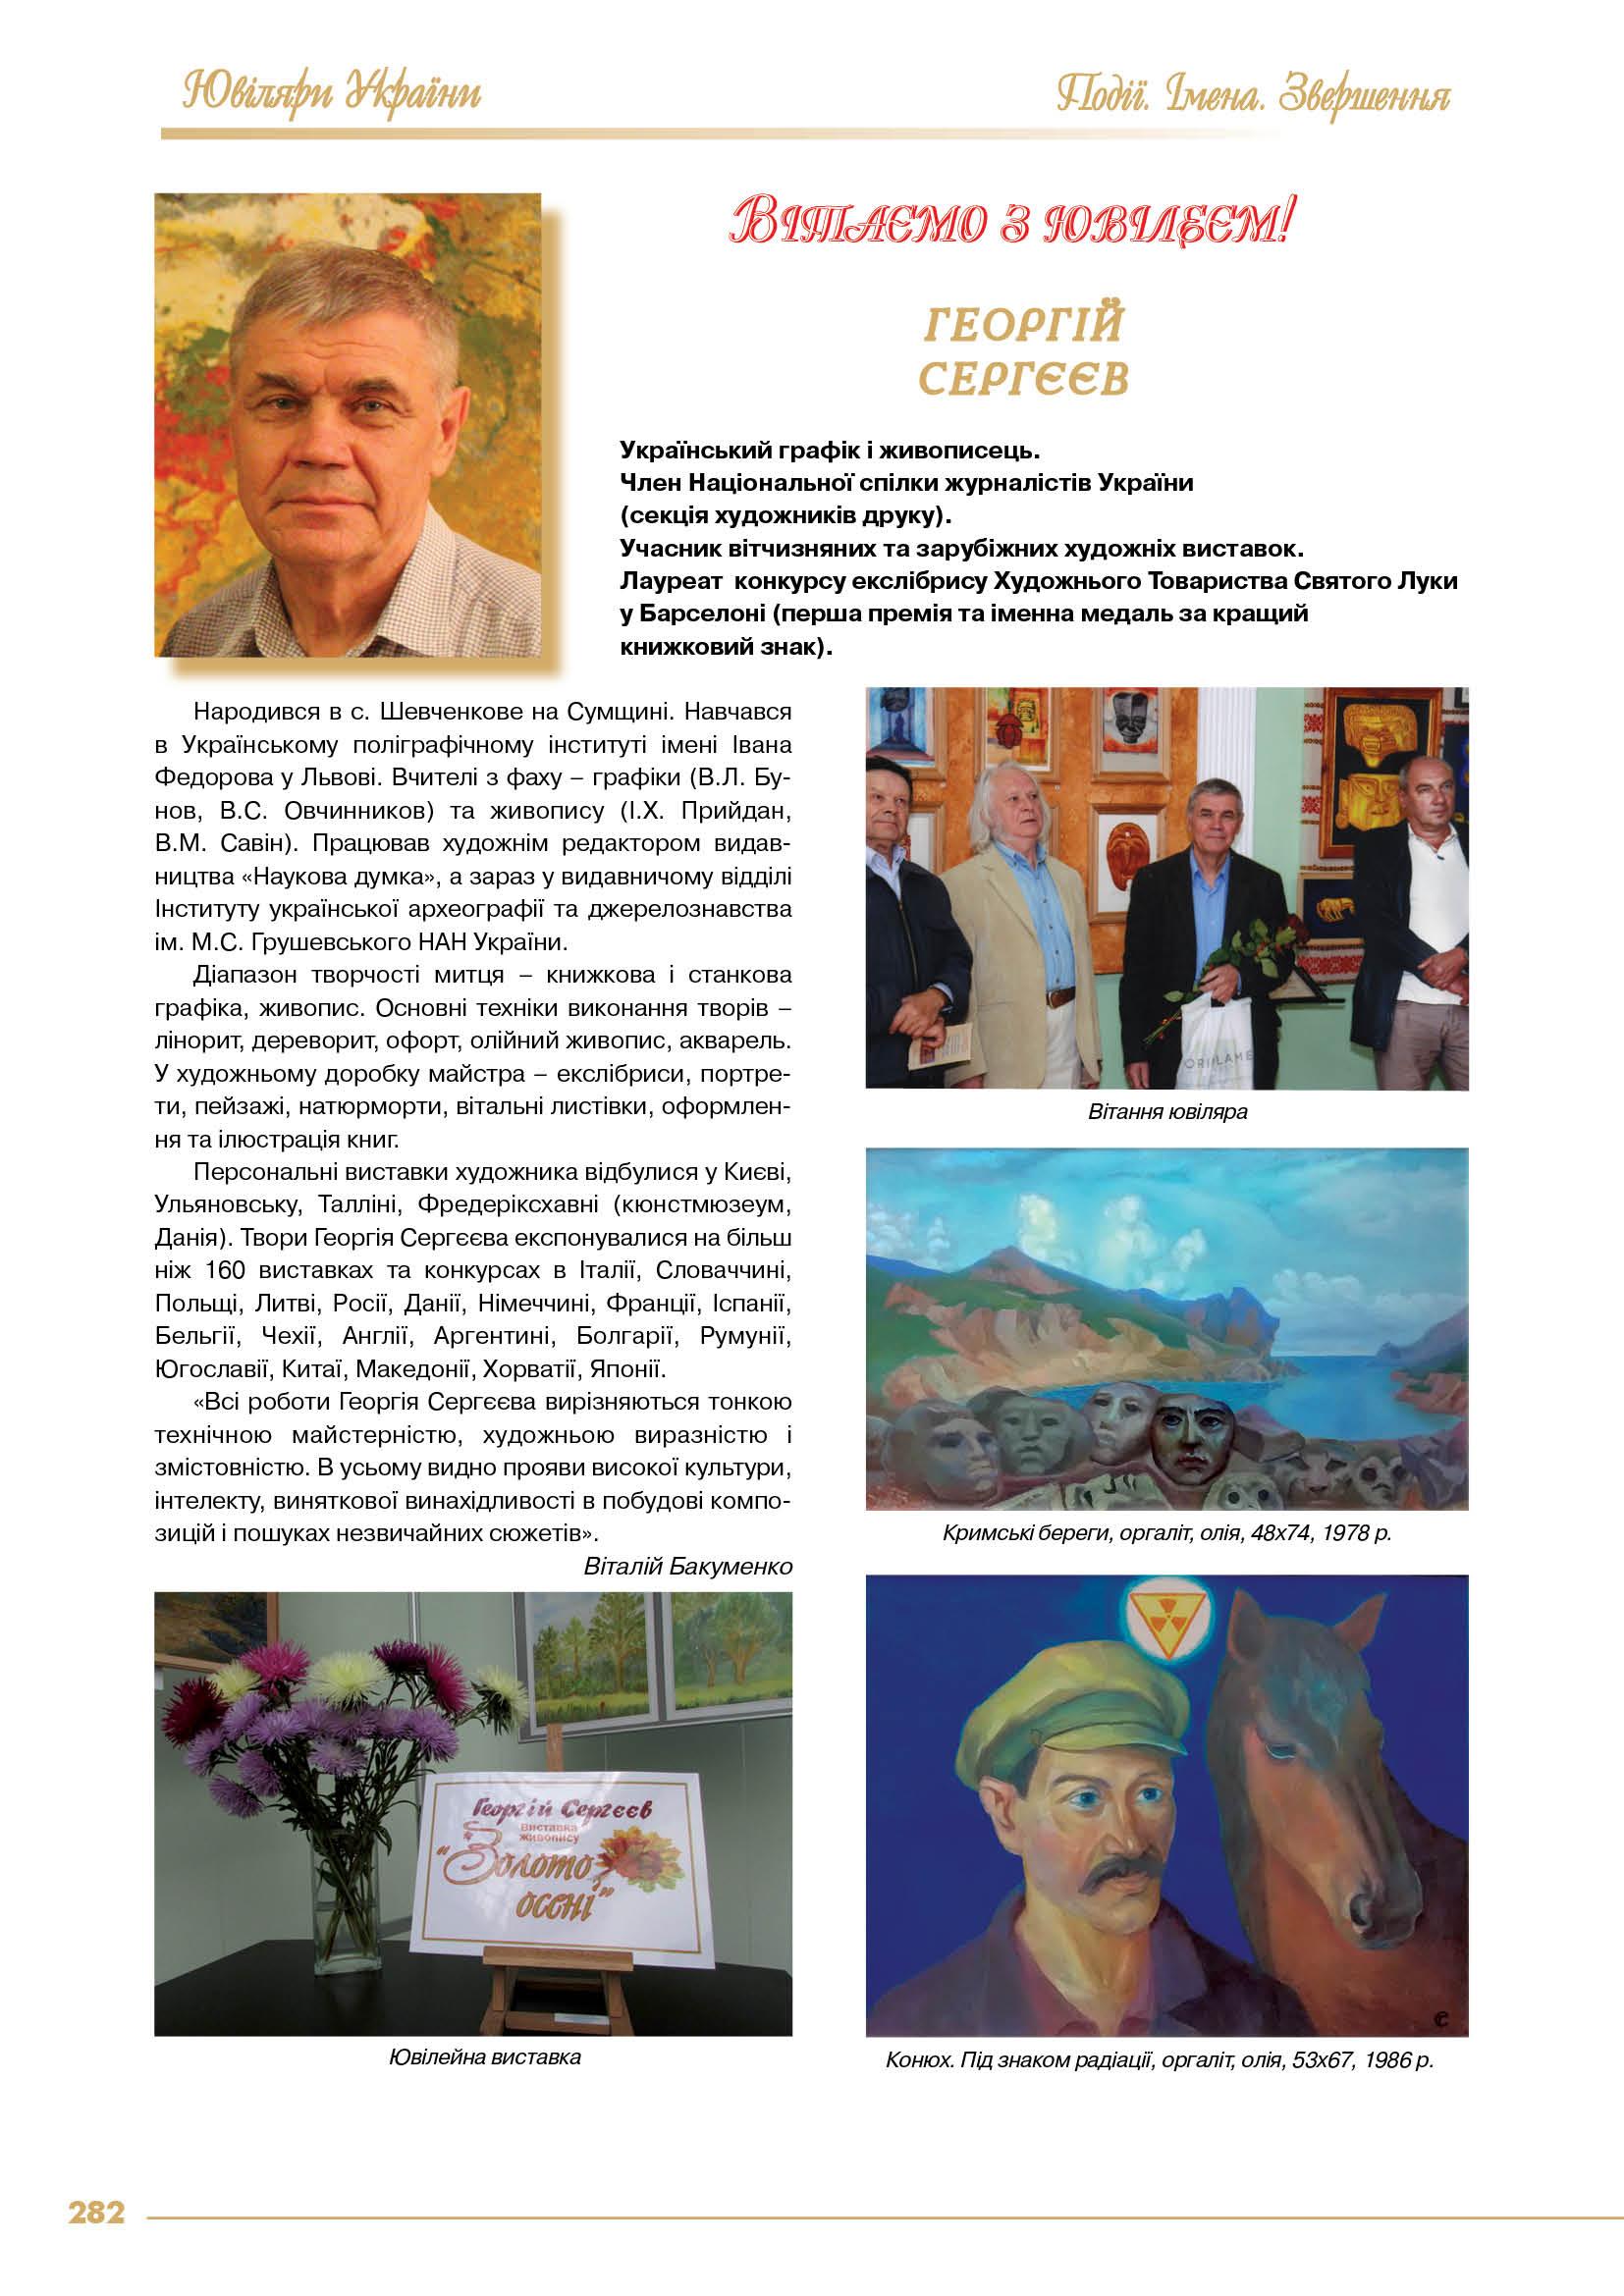 Георгій Сергєєв